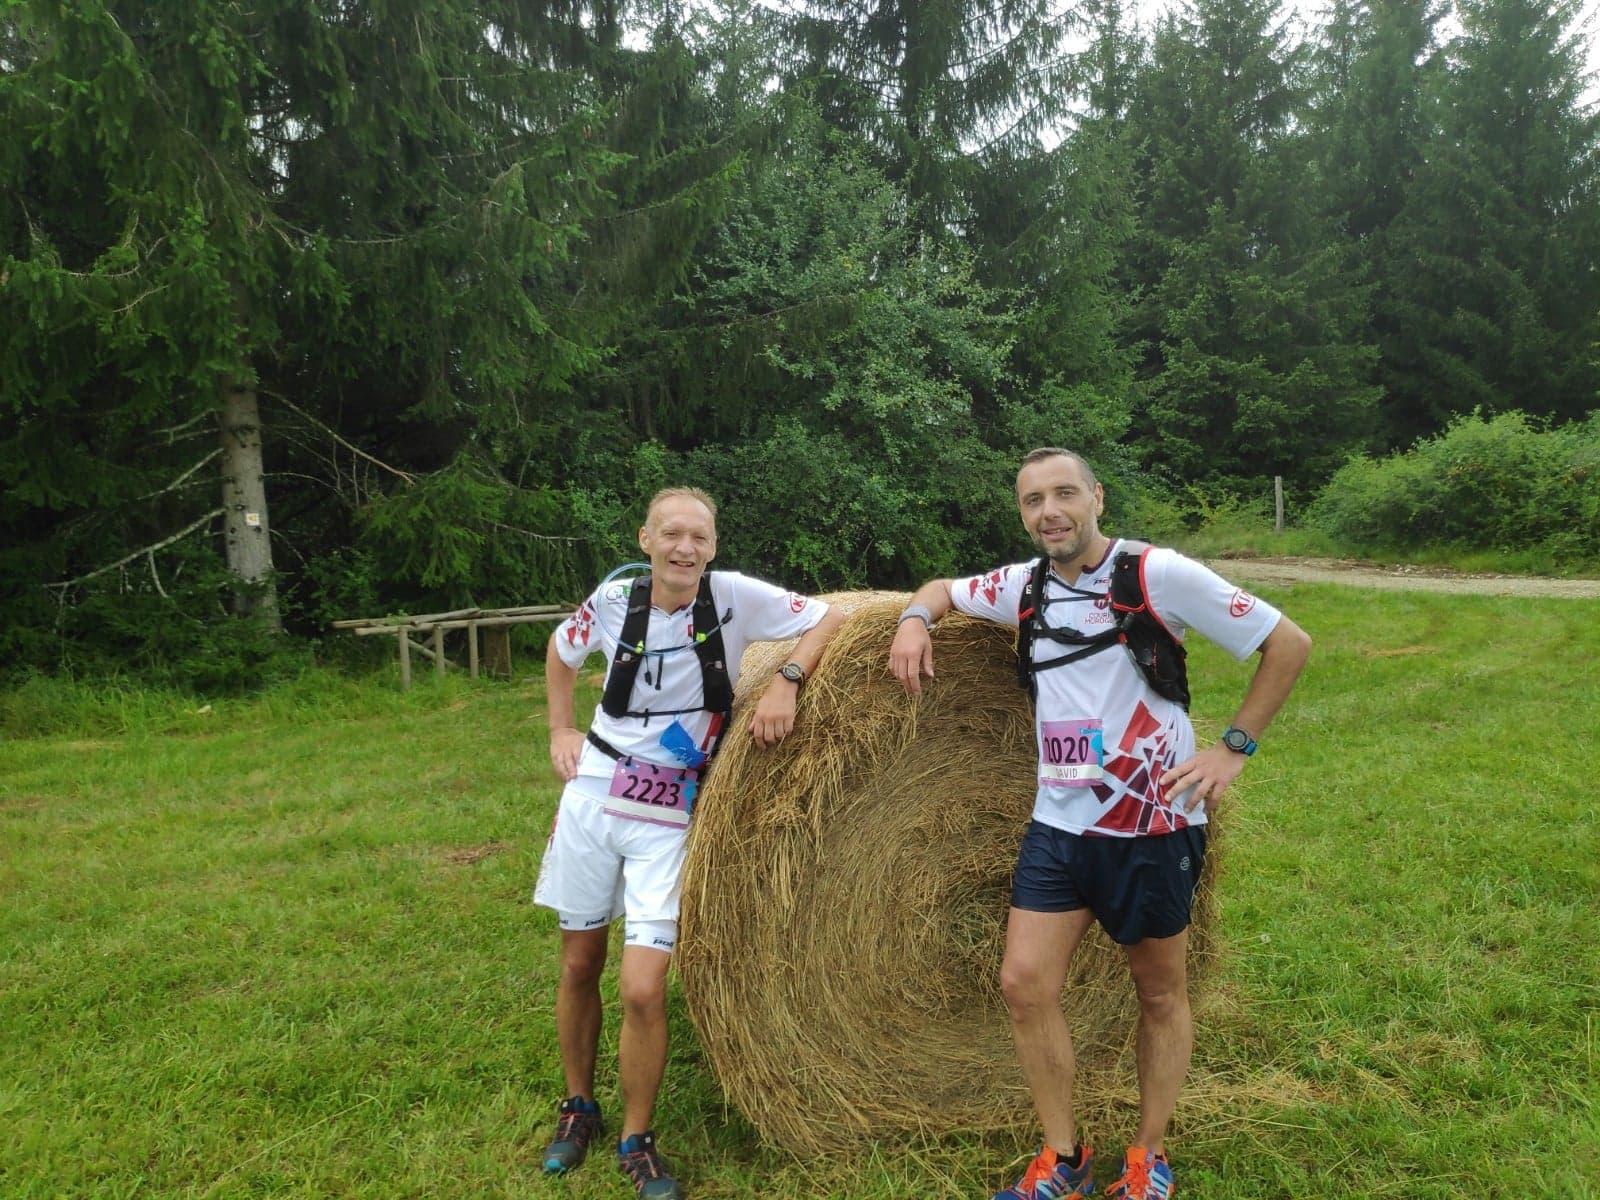 Fabrice B. / David D. au Trail de Vouglans 2019